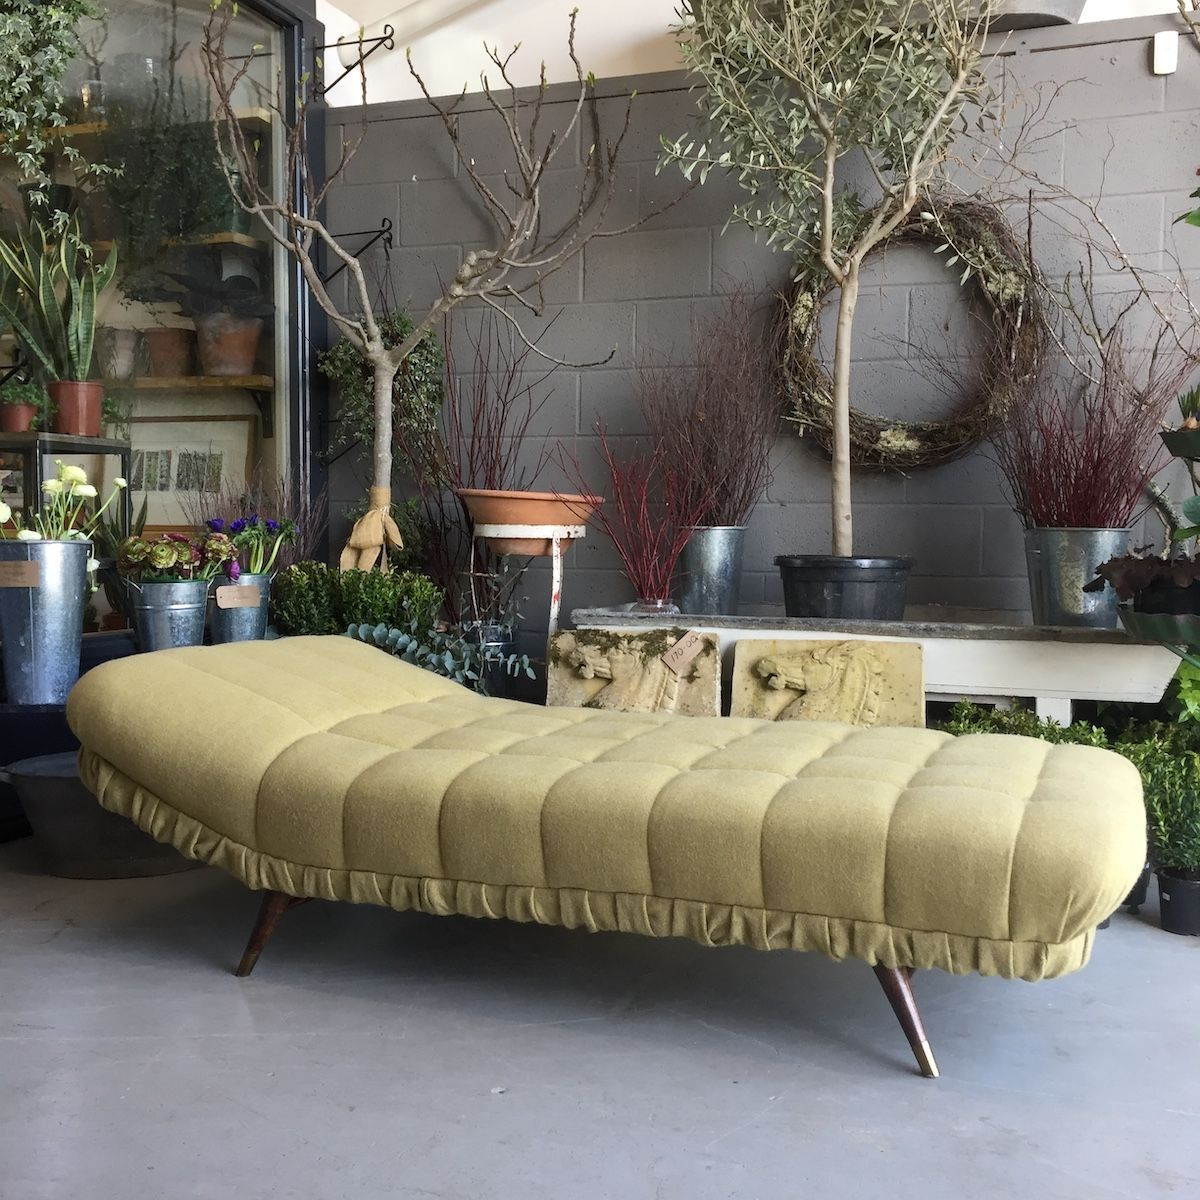 Ecksofa Leder Schwarz Modern Design Ledersofa Cognac Ledersofa Gunstig Online Kaufen 2 Sitzer Sofa Breite 140 Cm Kleines S Dekor Kleines Sofa Tagesbett